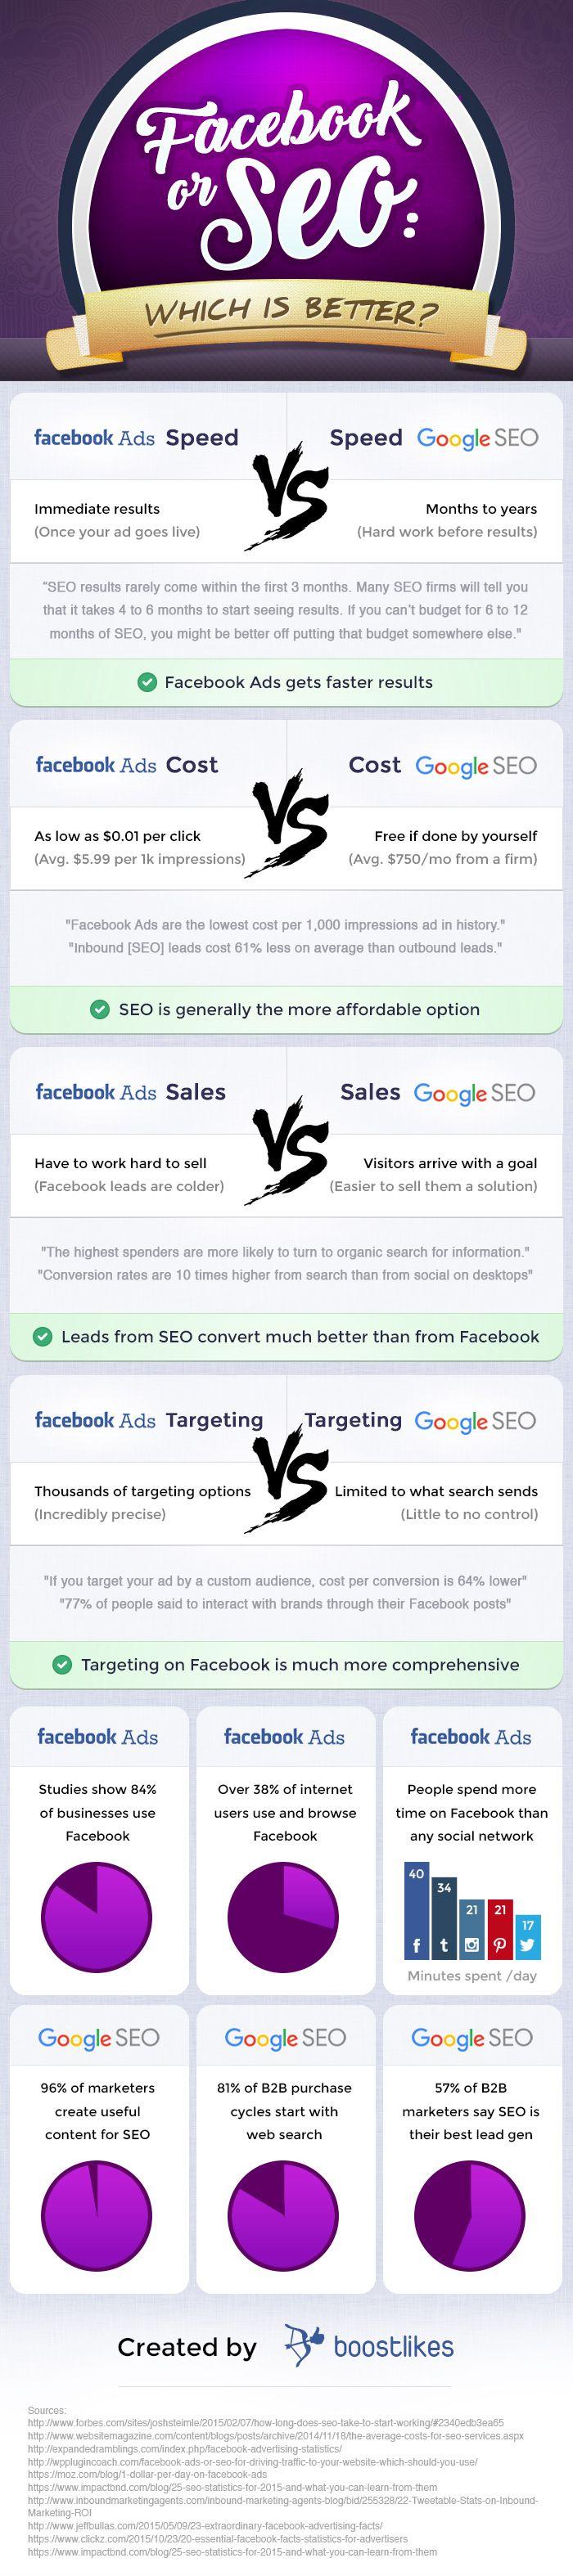 Ce motoda de promovare preferati: reclamele pe facebook sau SEO